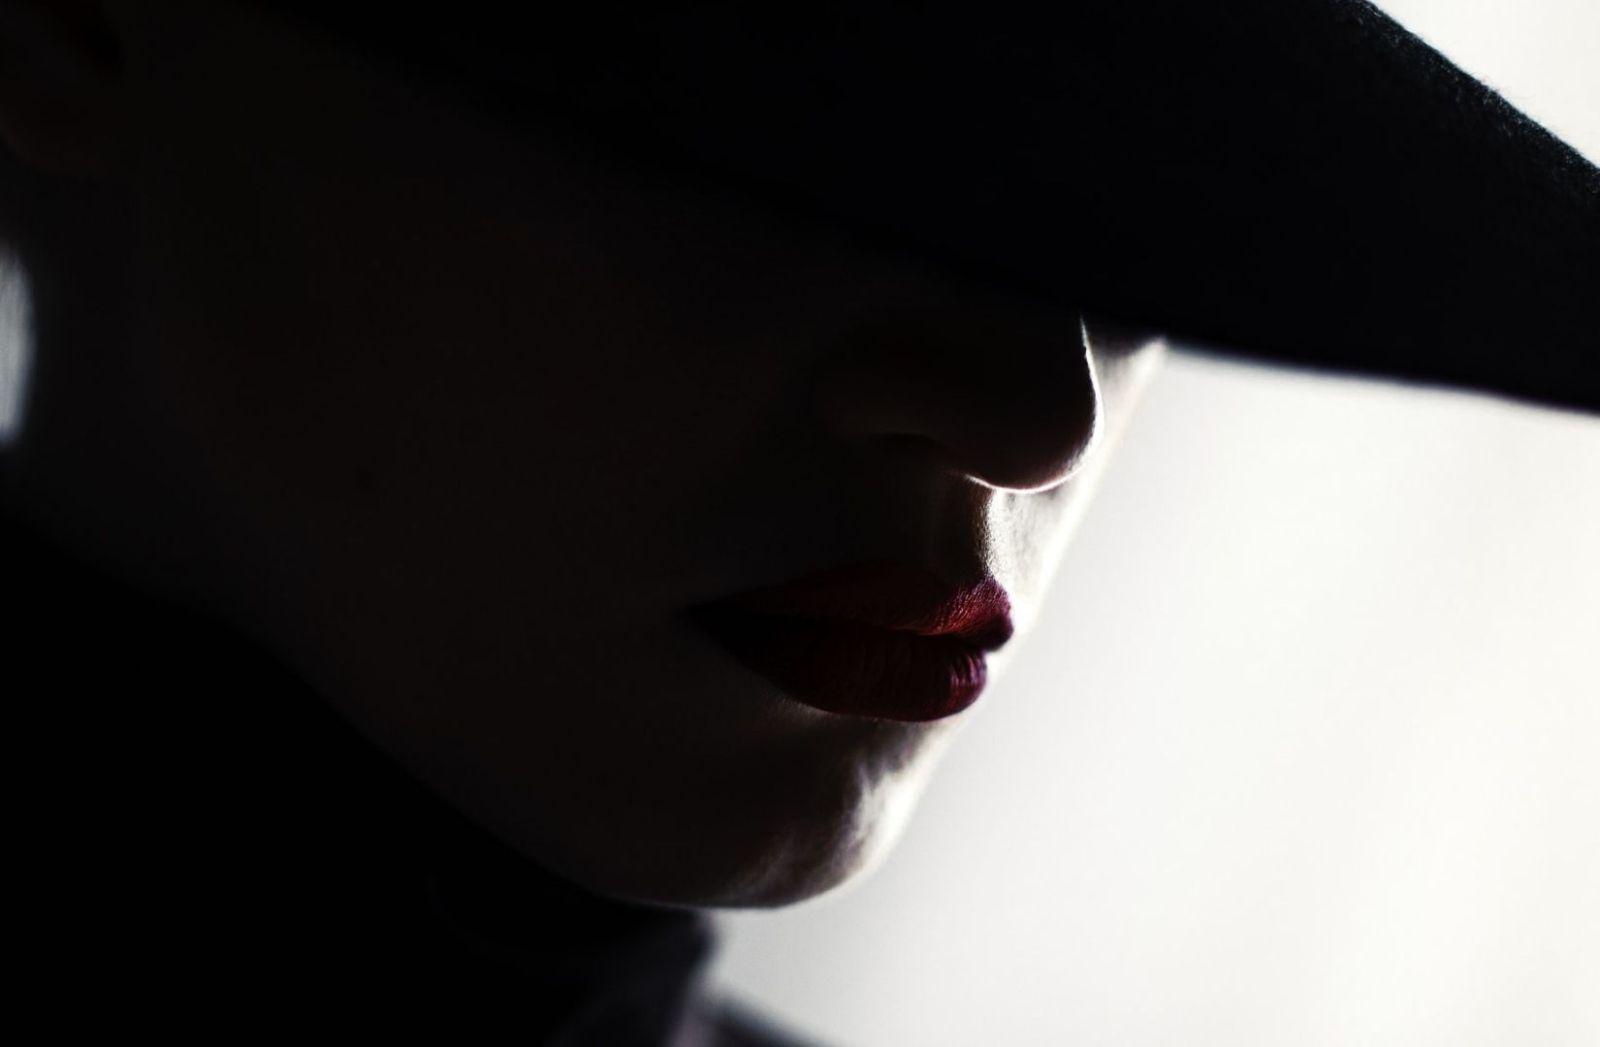 Woman black white. (Foto: Andrey Zvyagintsev, Unsplash.com)